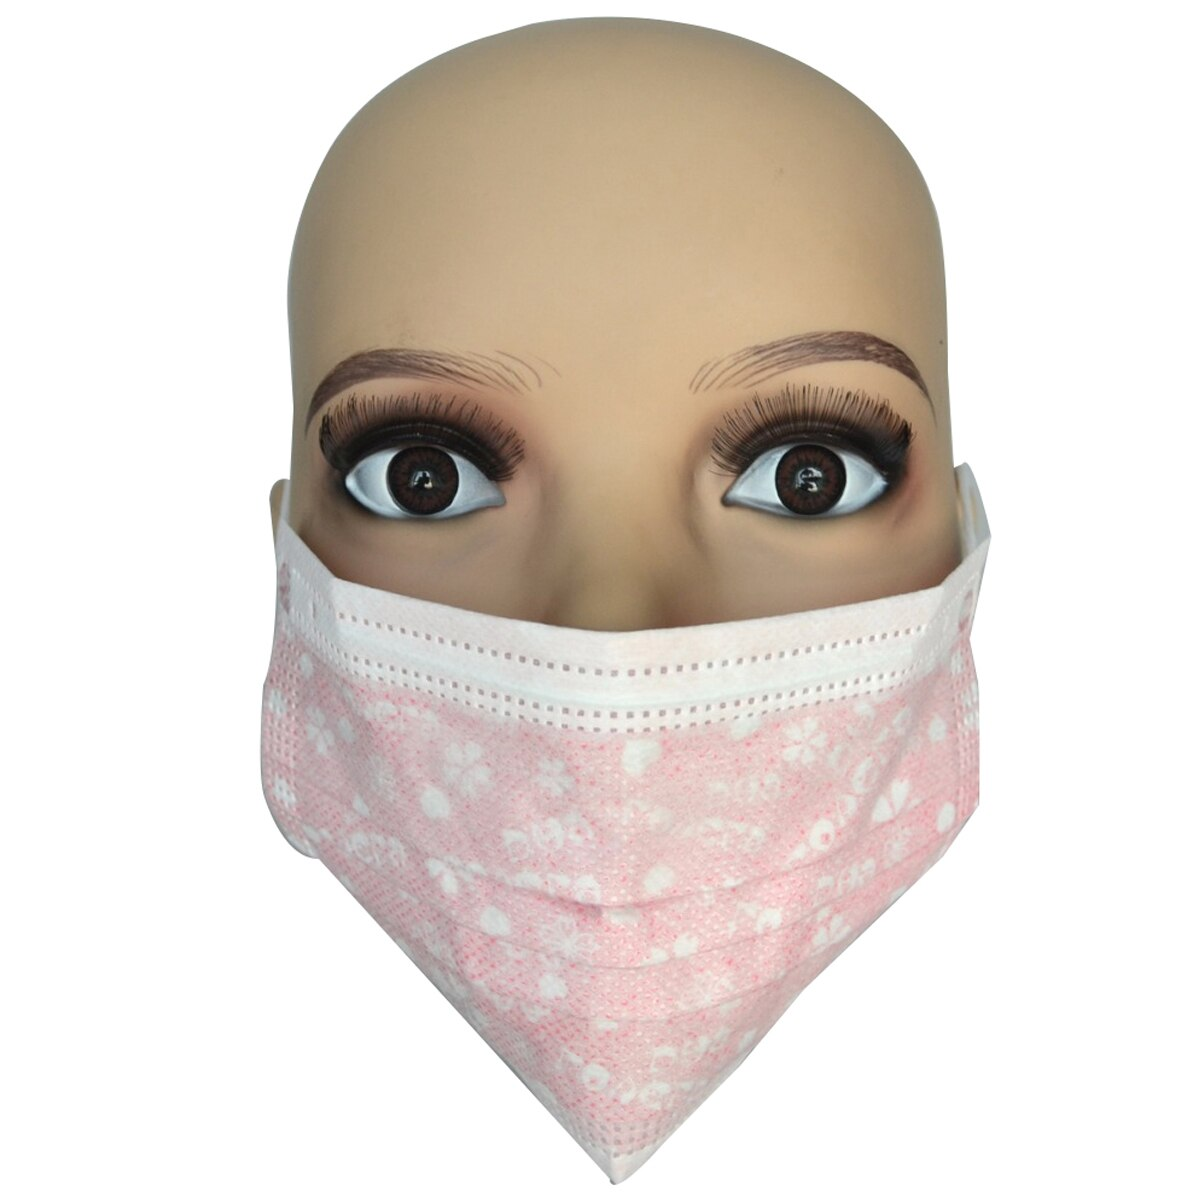 10 шт., не Пылезащитная маска для лица, для женщин, медицинская, зубная, Ушная петля, против пыли, хирургические маски, защитная крышка для лица...